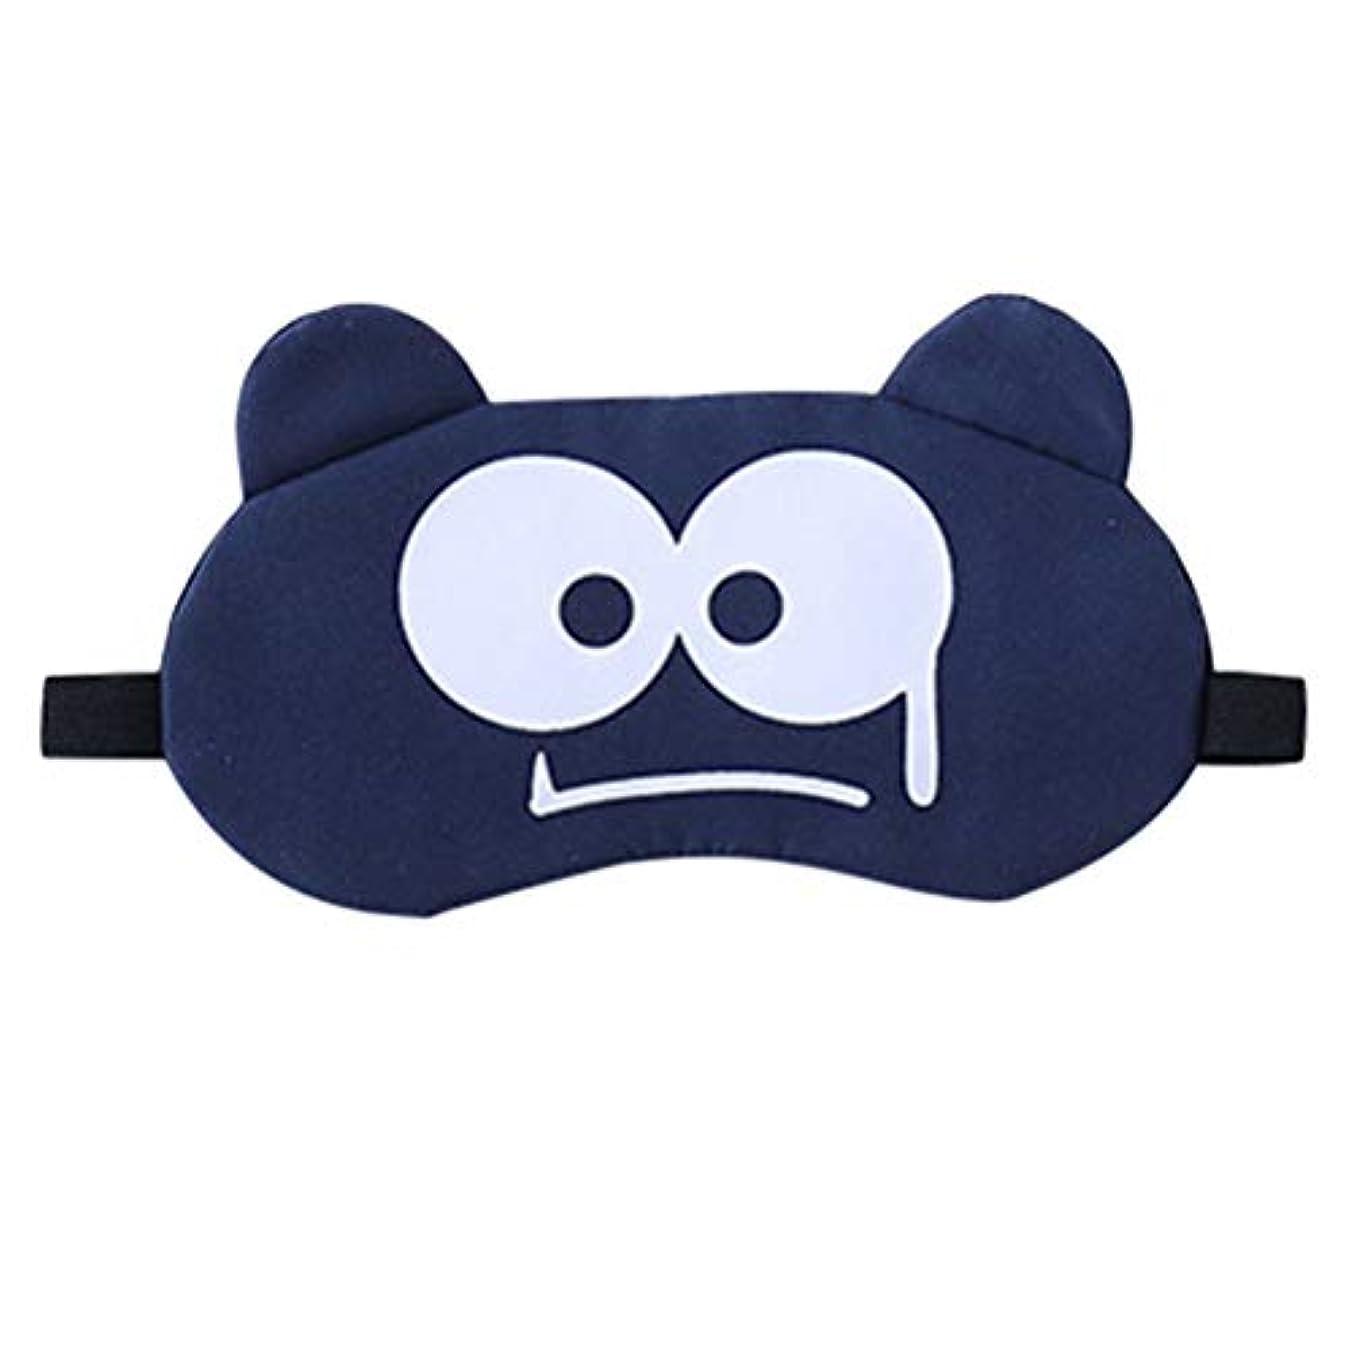 インスタンス相関するメタリックLurrose 冷却アイマスク日陰昼寝カバー面白い目隠し休憩援助疲労軽減通気性アイパッチ